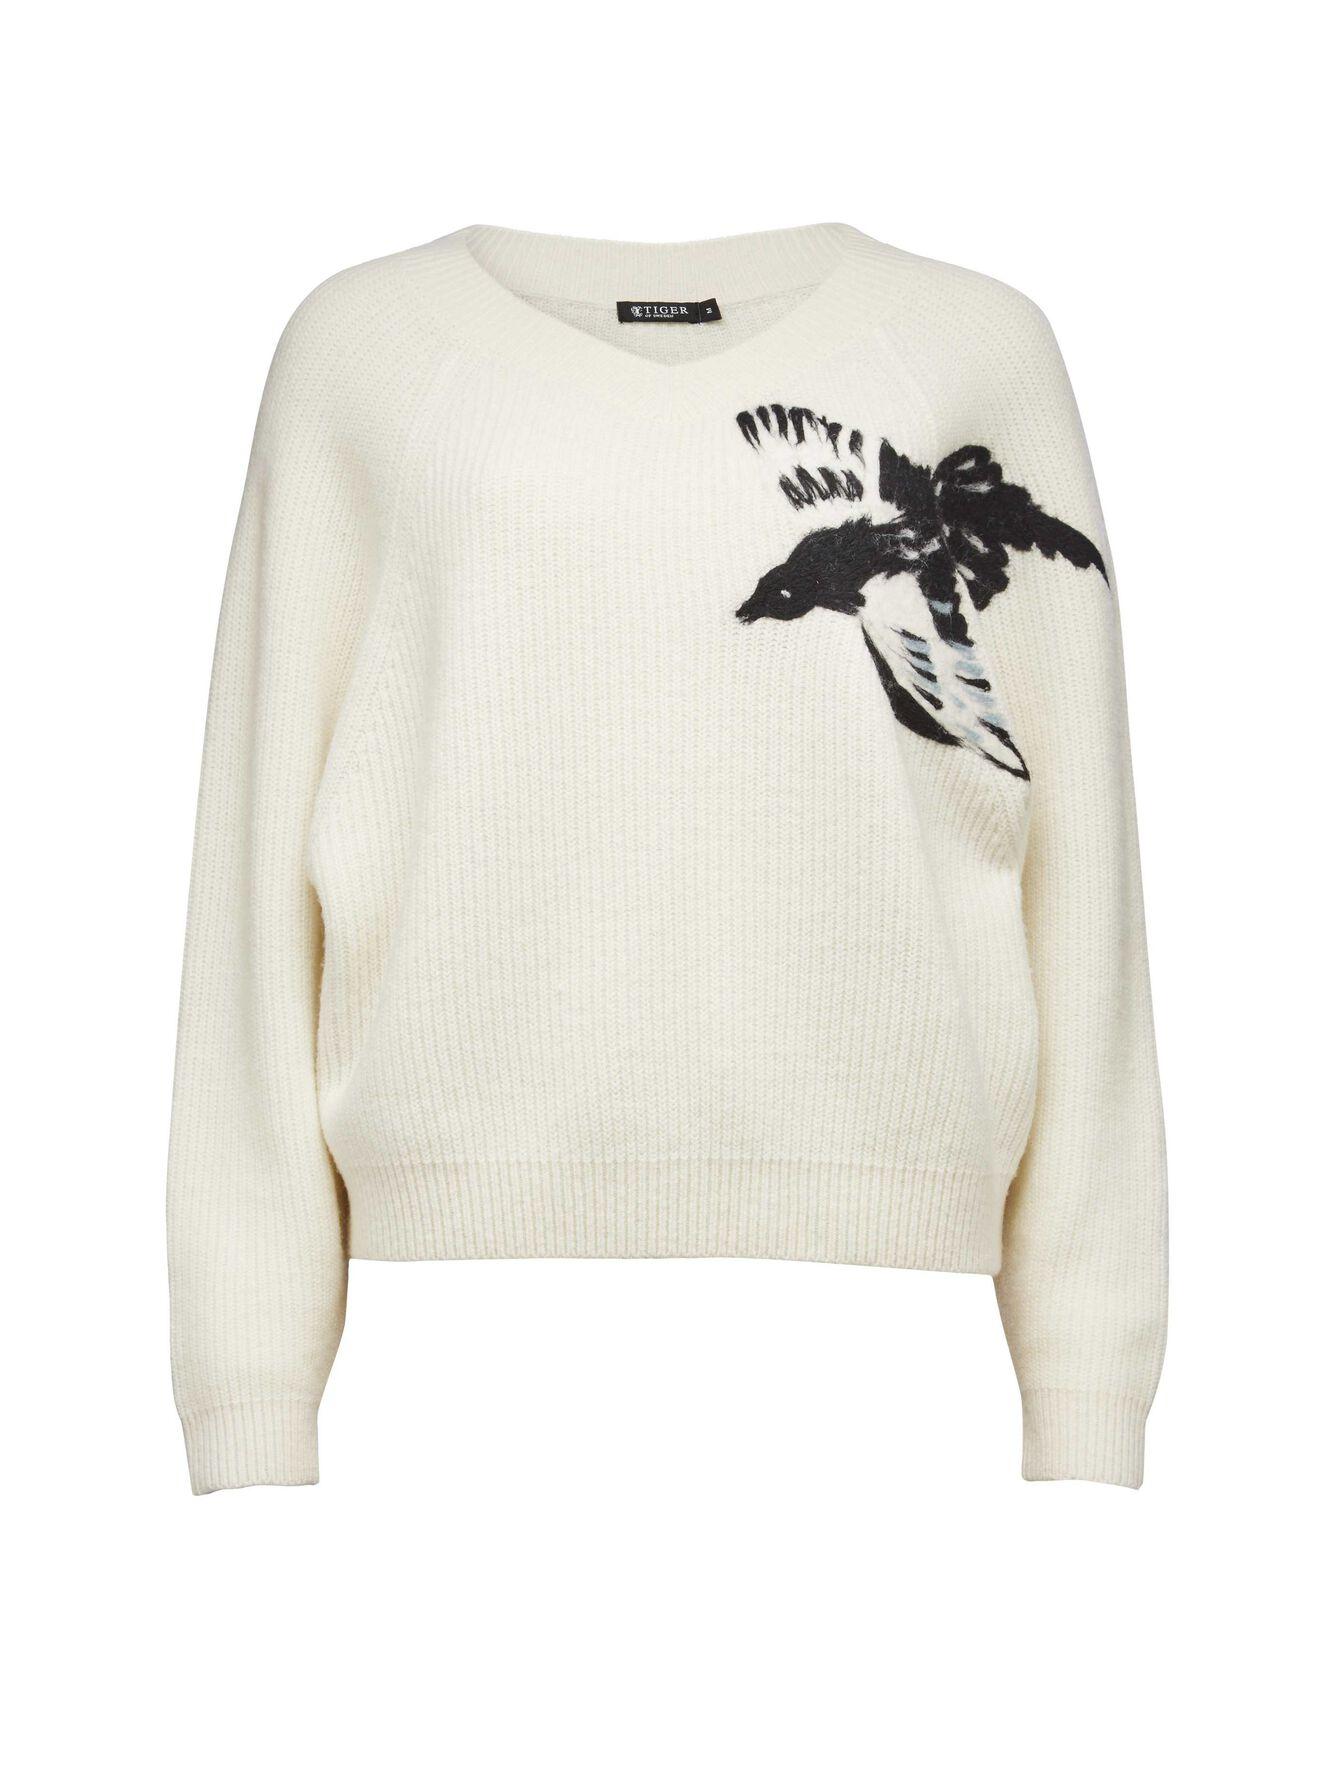 best service 51b50 118a2 Malva pullover - Damen Online kaufen